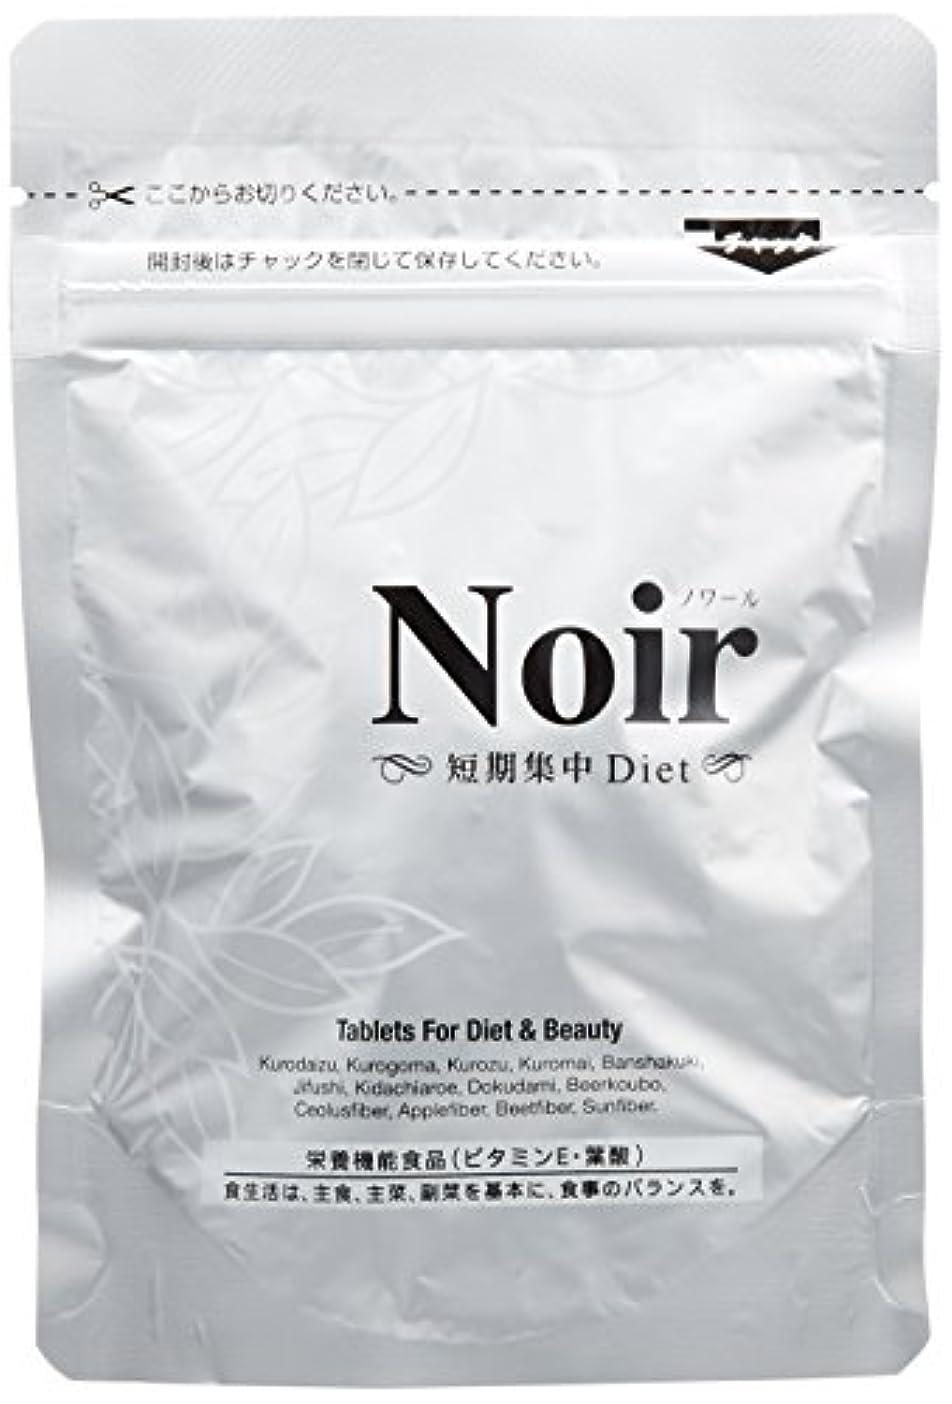 非武装化寮世辞NОIR短期集中Diet 300mg*200T